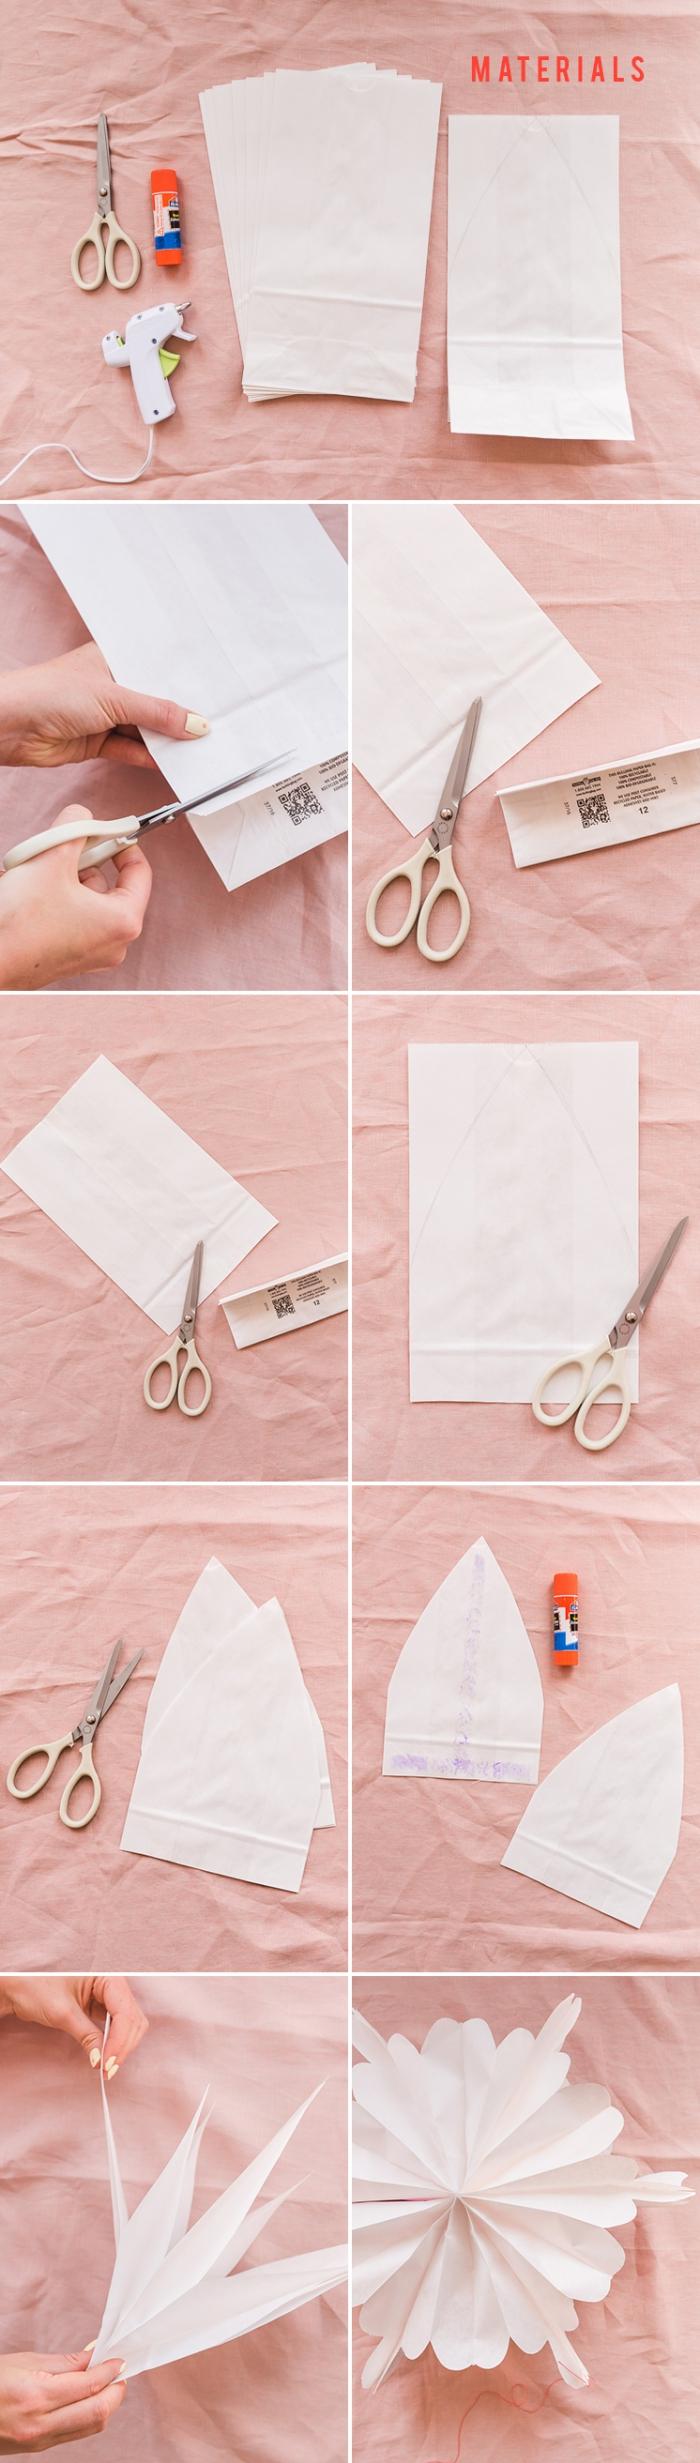 pink deko, basteln mit papier, hängende dekroationen, schritt für schritt anleitung